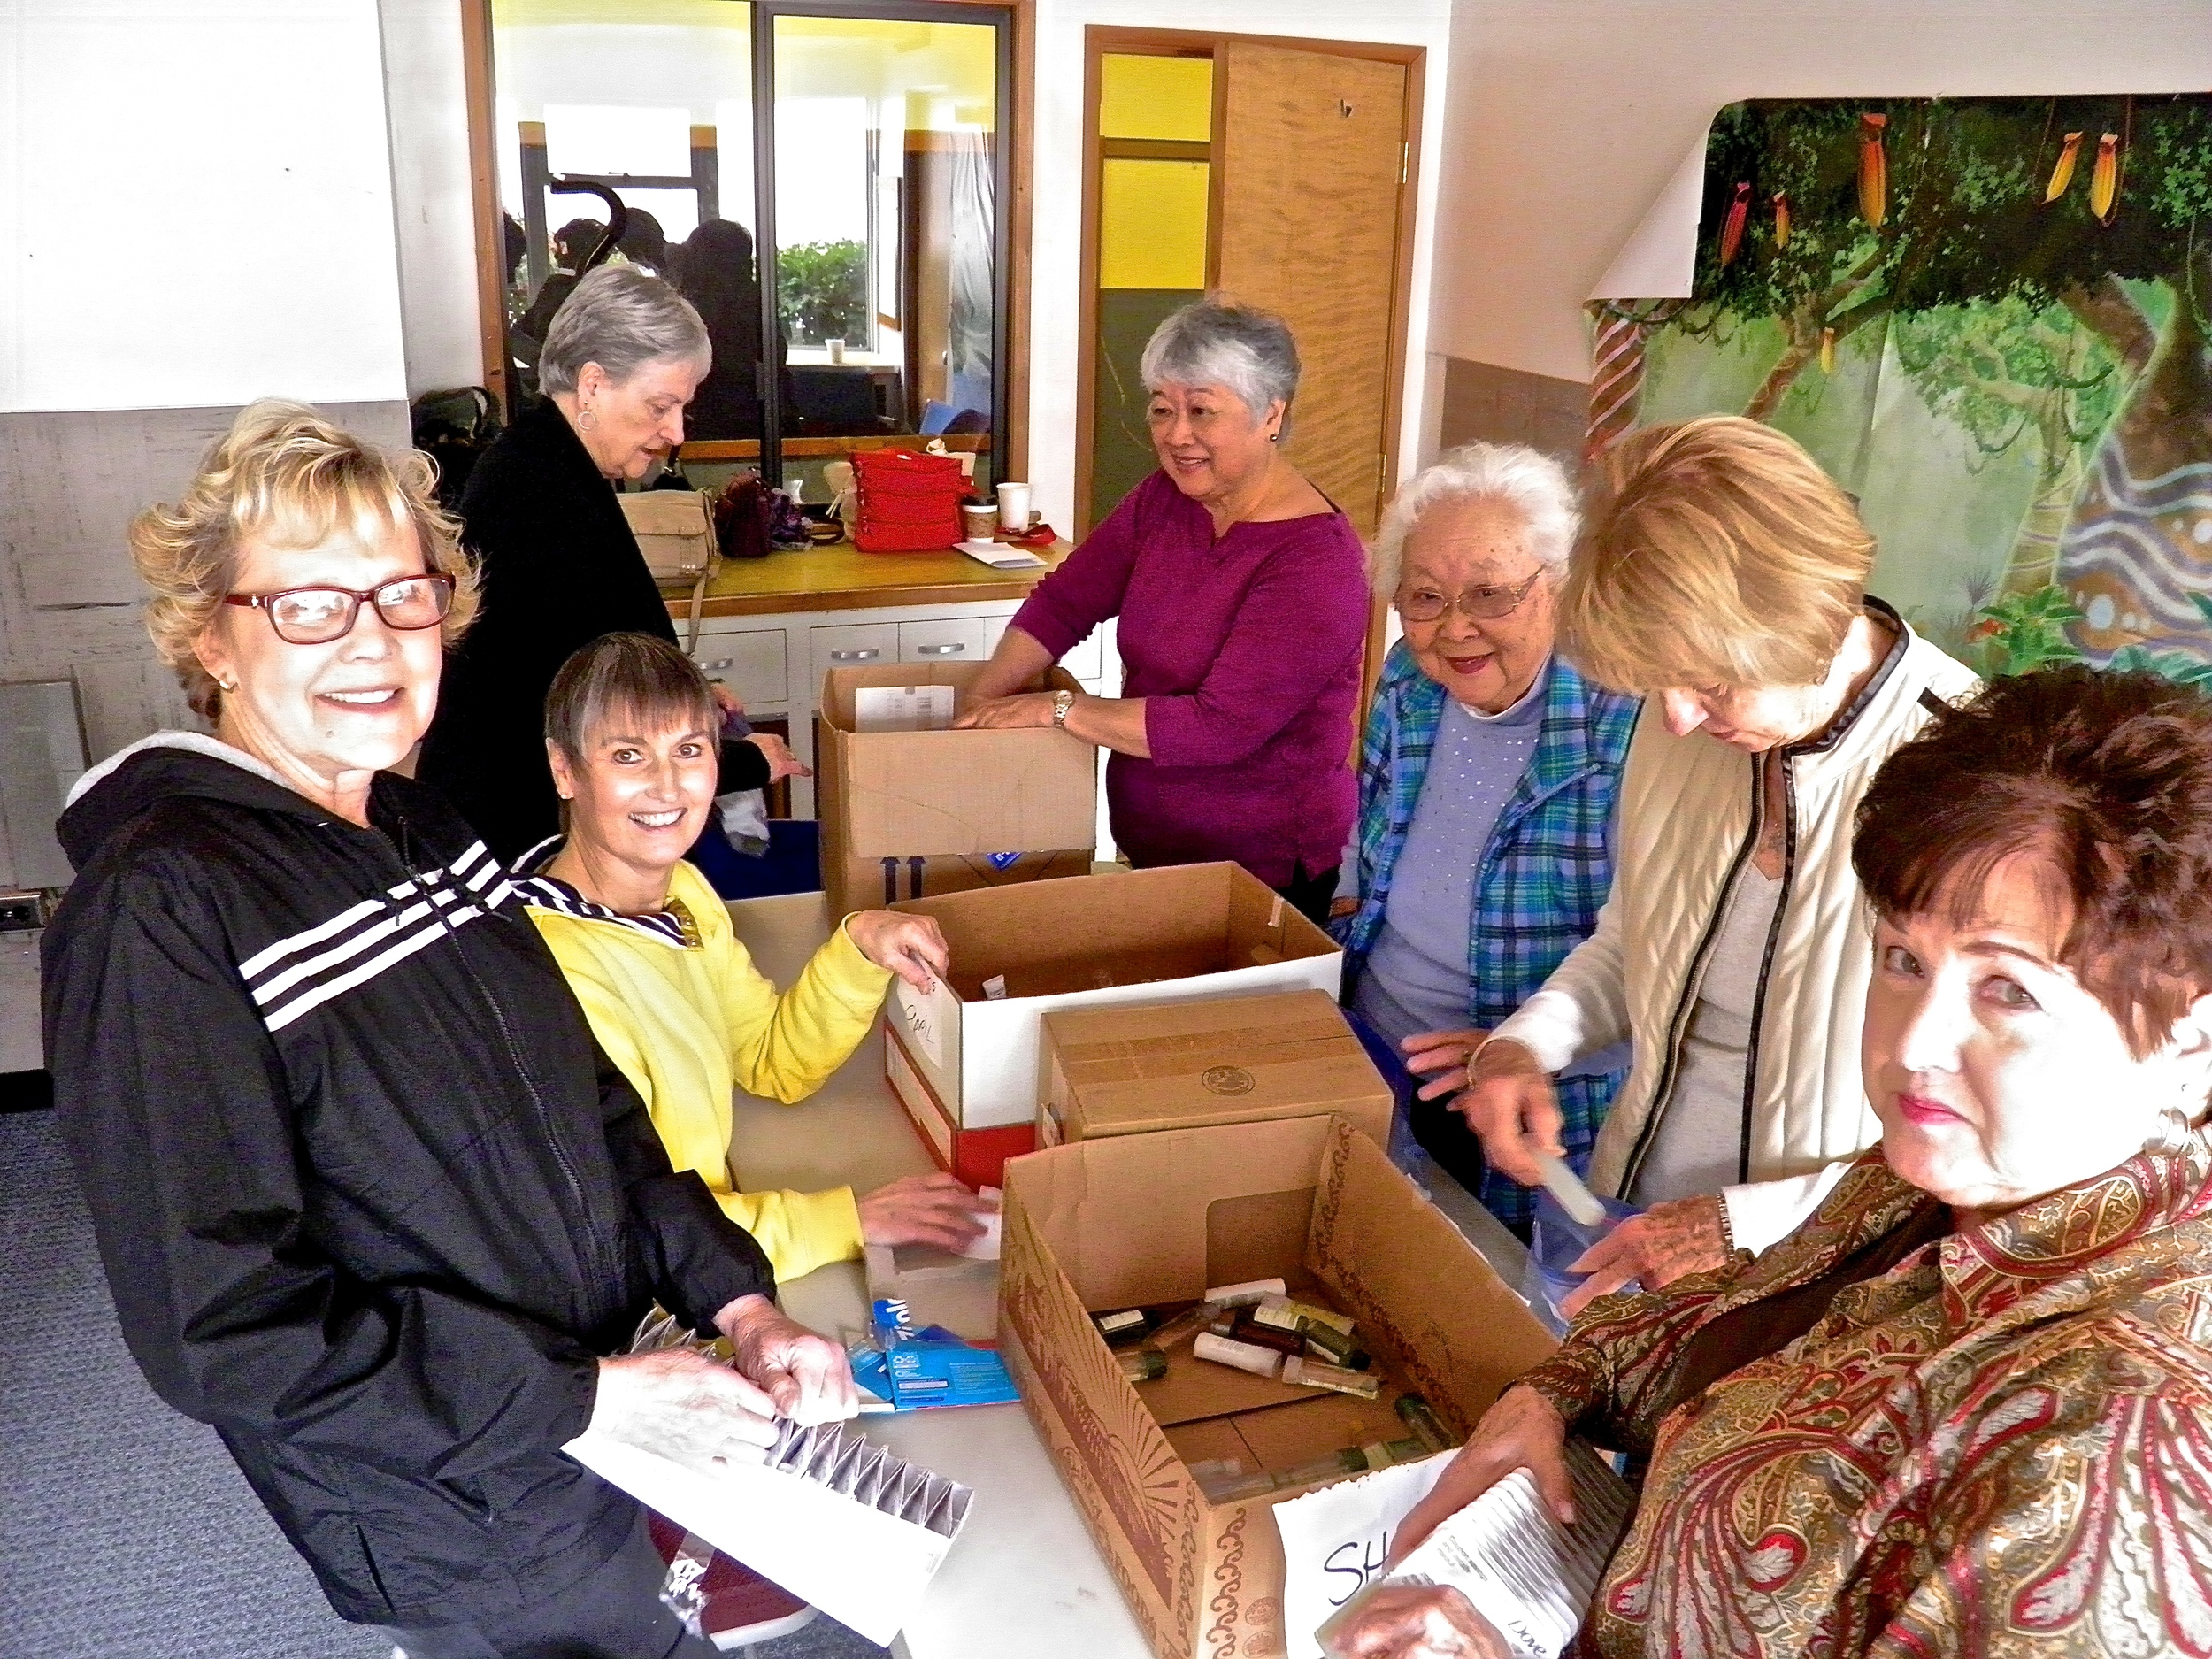 Women assemble hygiene kits for homeless men, women, and children.